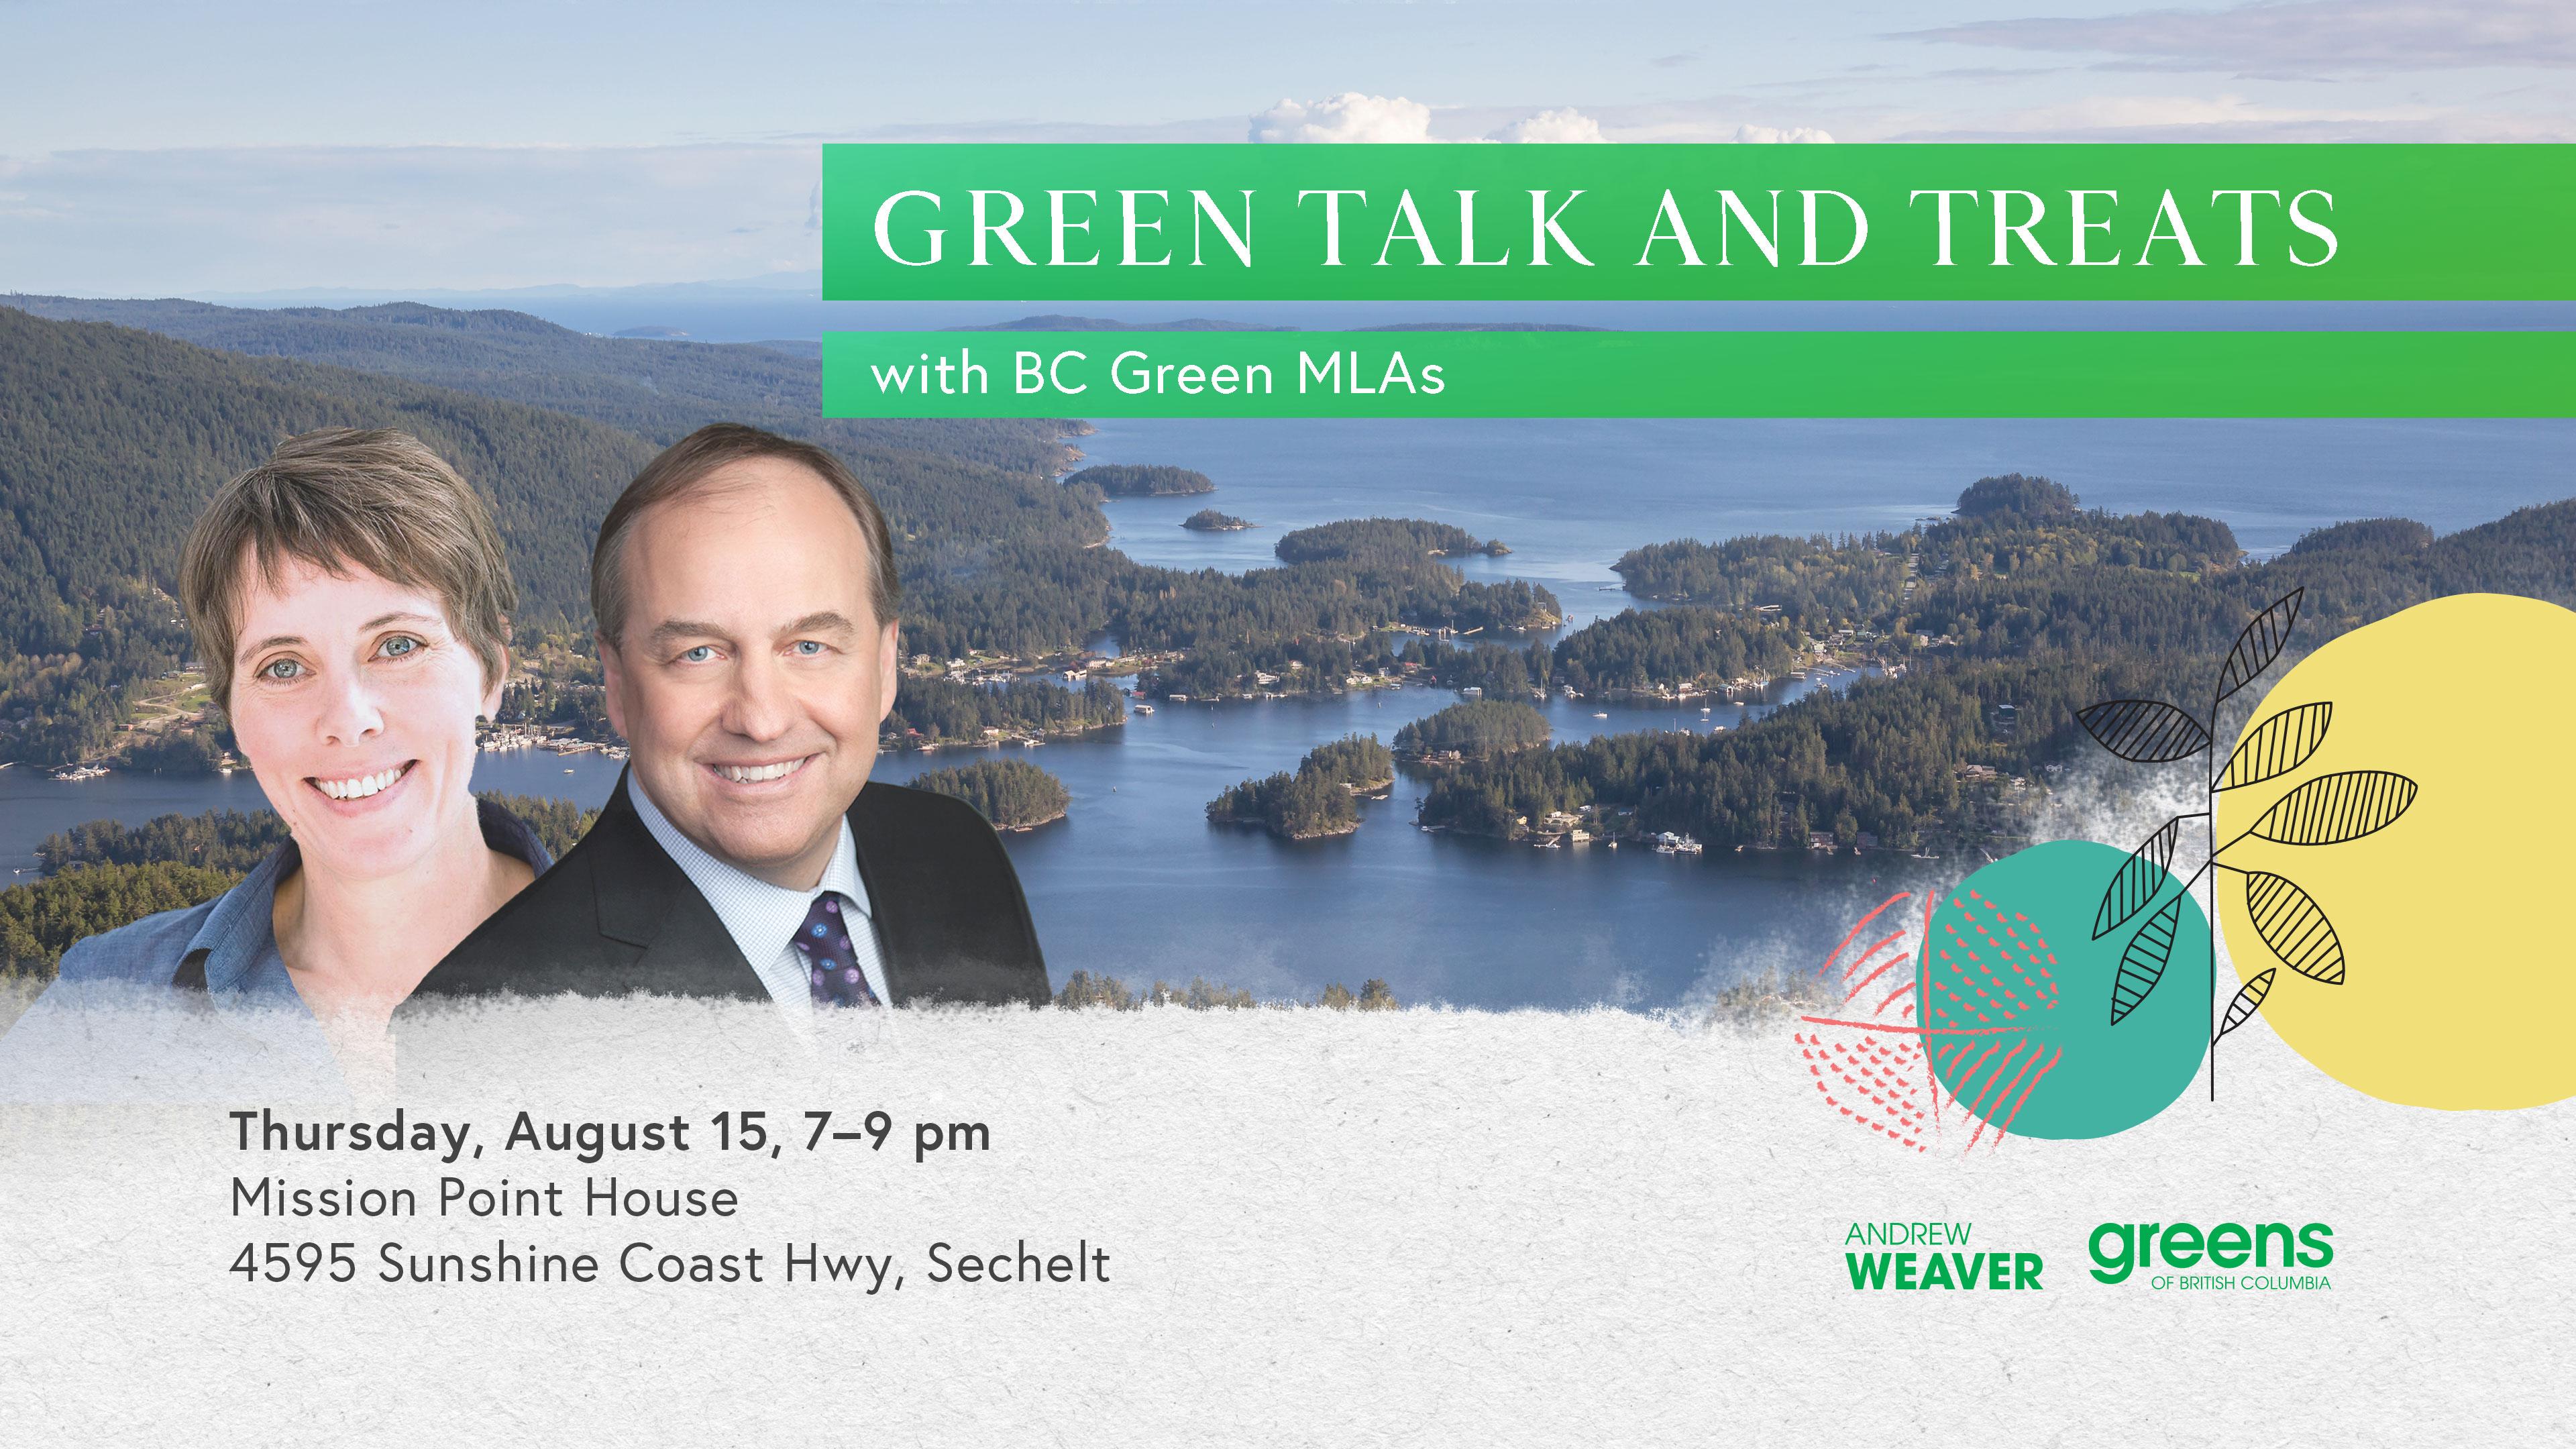 190723-Sechelt-Green_Talk___Treats-Facebook_Event_Photo.jpg